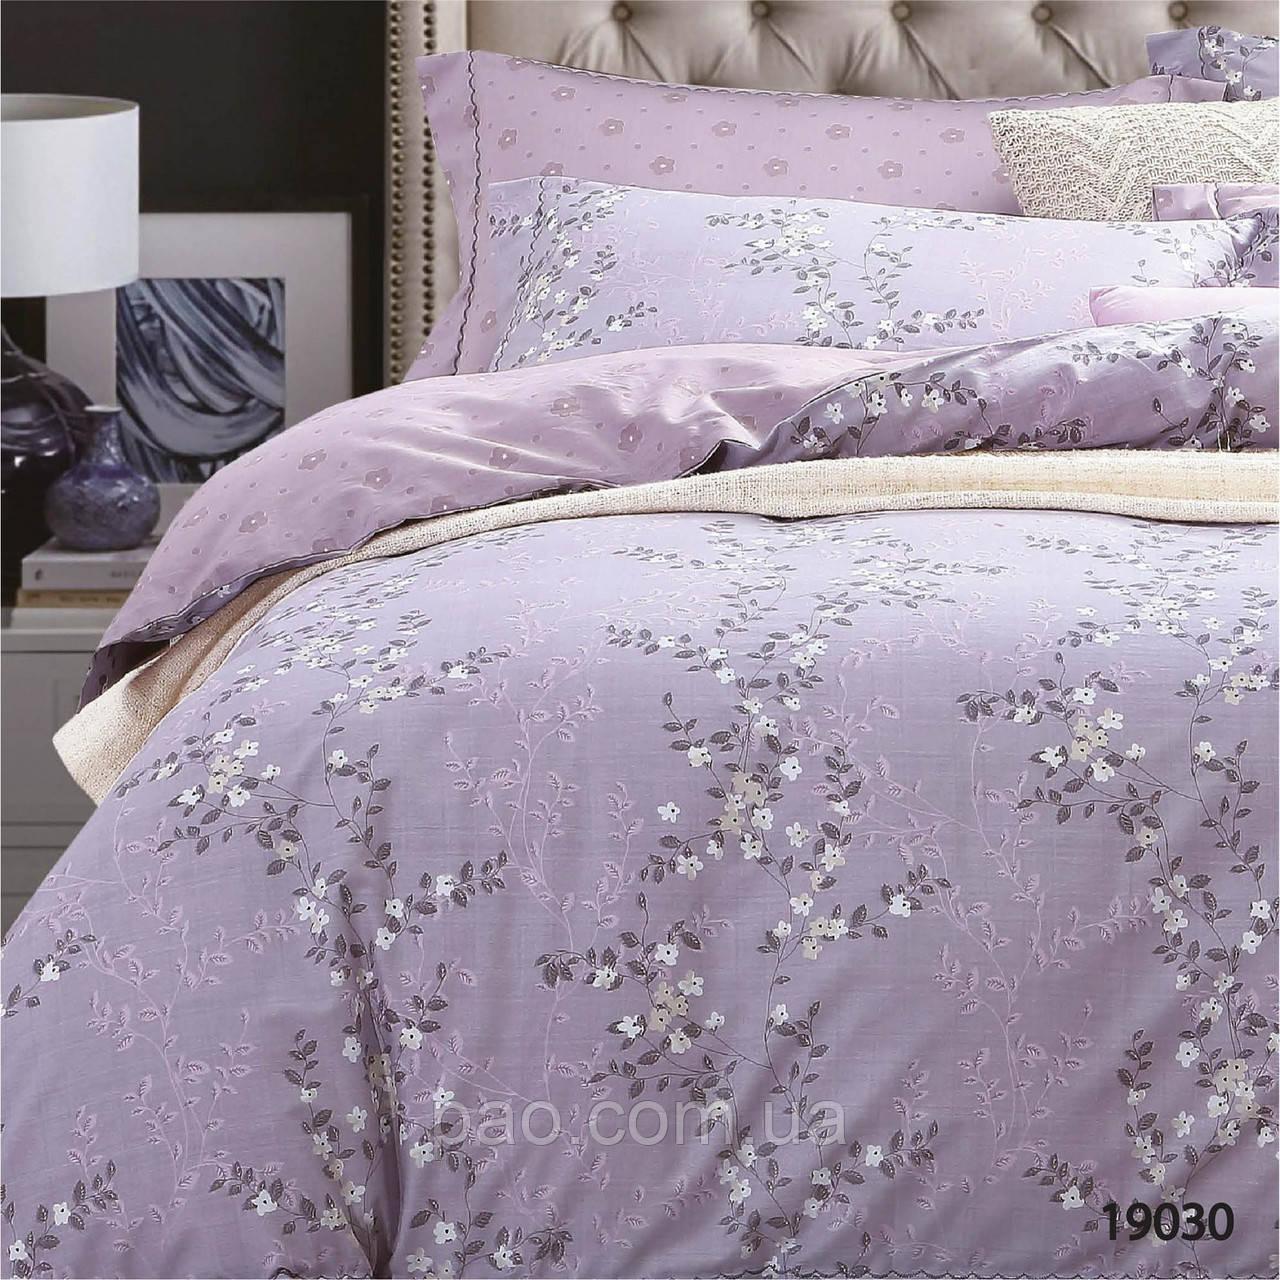 Постельное белье Лаванда, ранфорс, 2-спальный набор